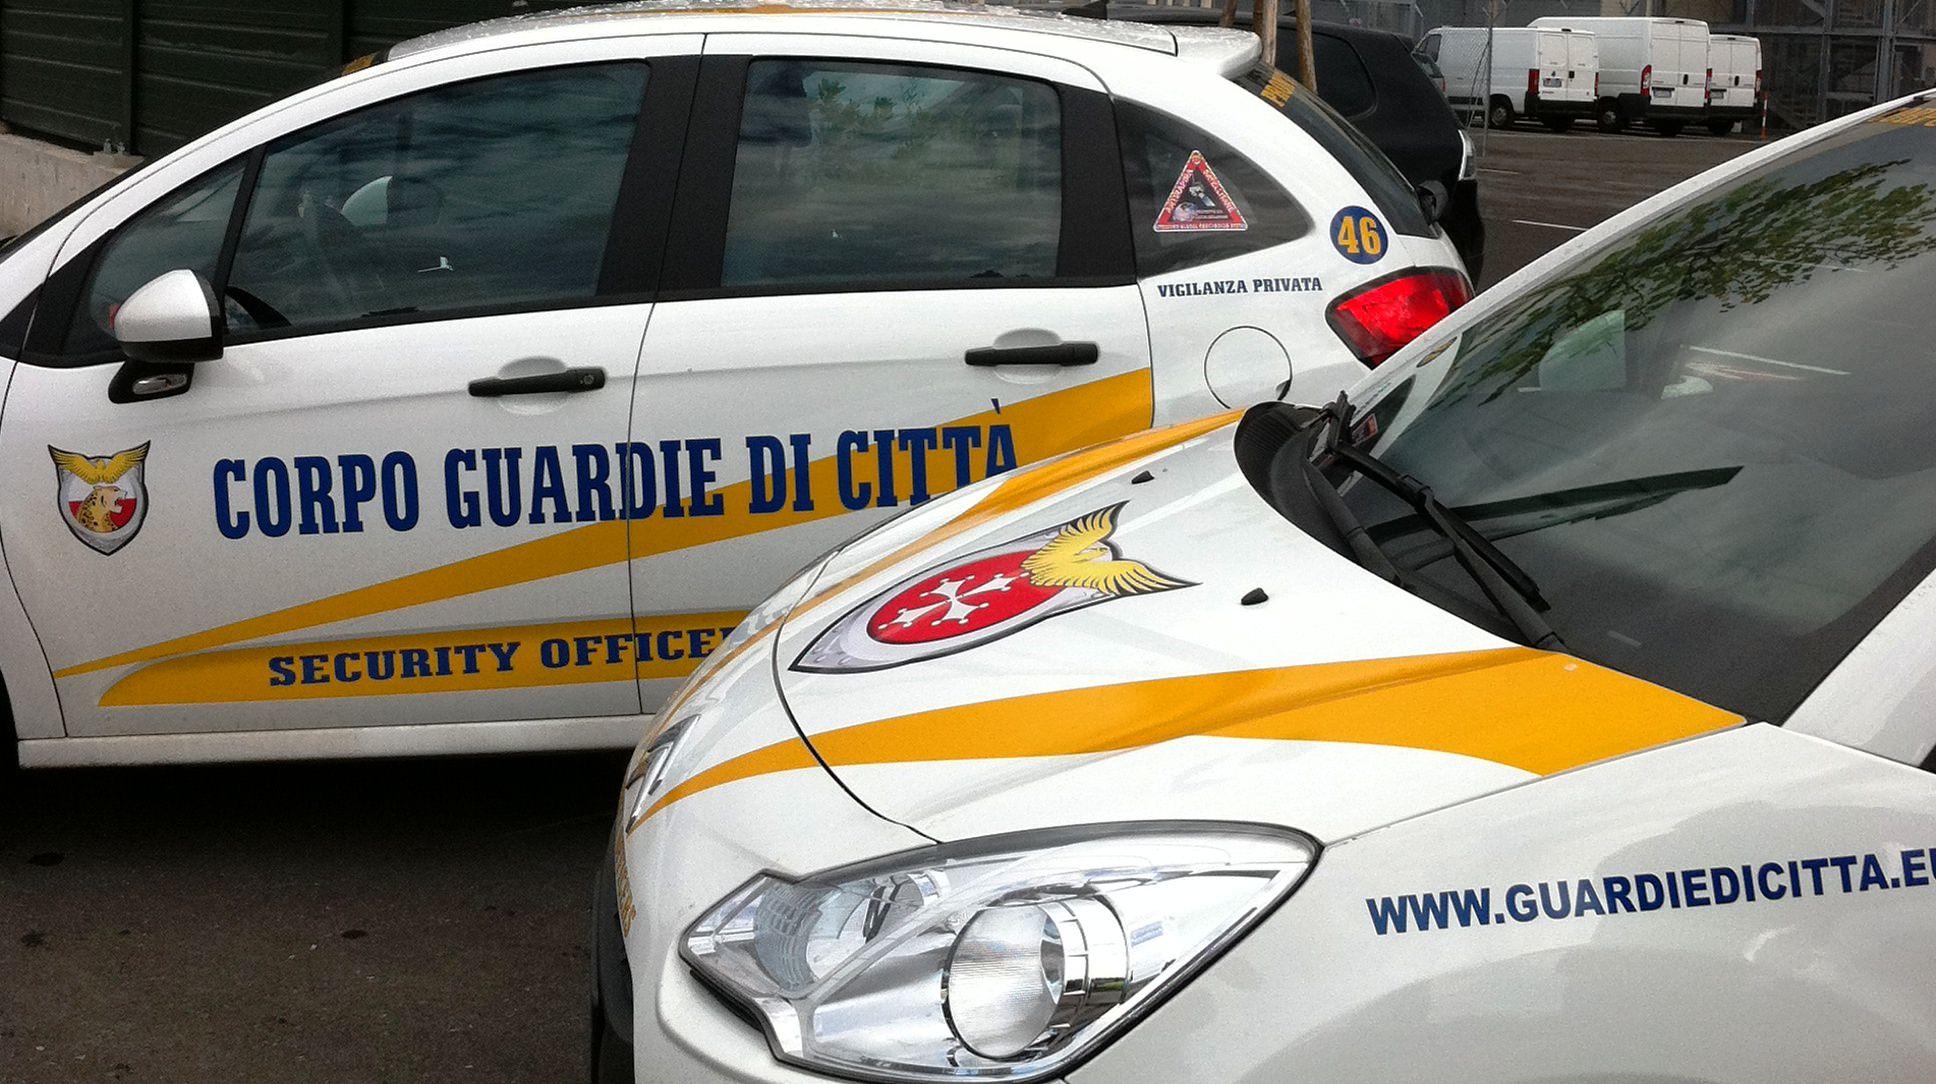 RISSE E CONTROLLI, IL BILANCIO DI FERRAGOSTO DELLE GUARDIE DI CITTÀ